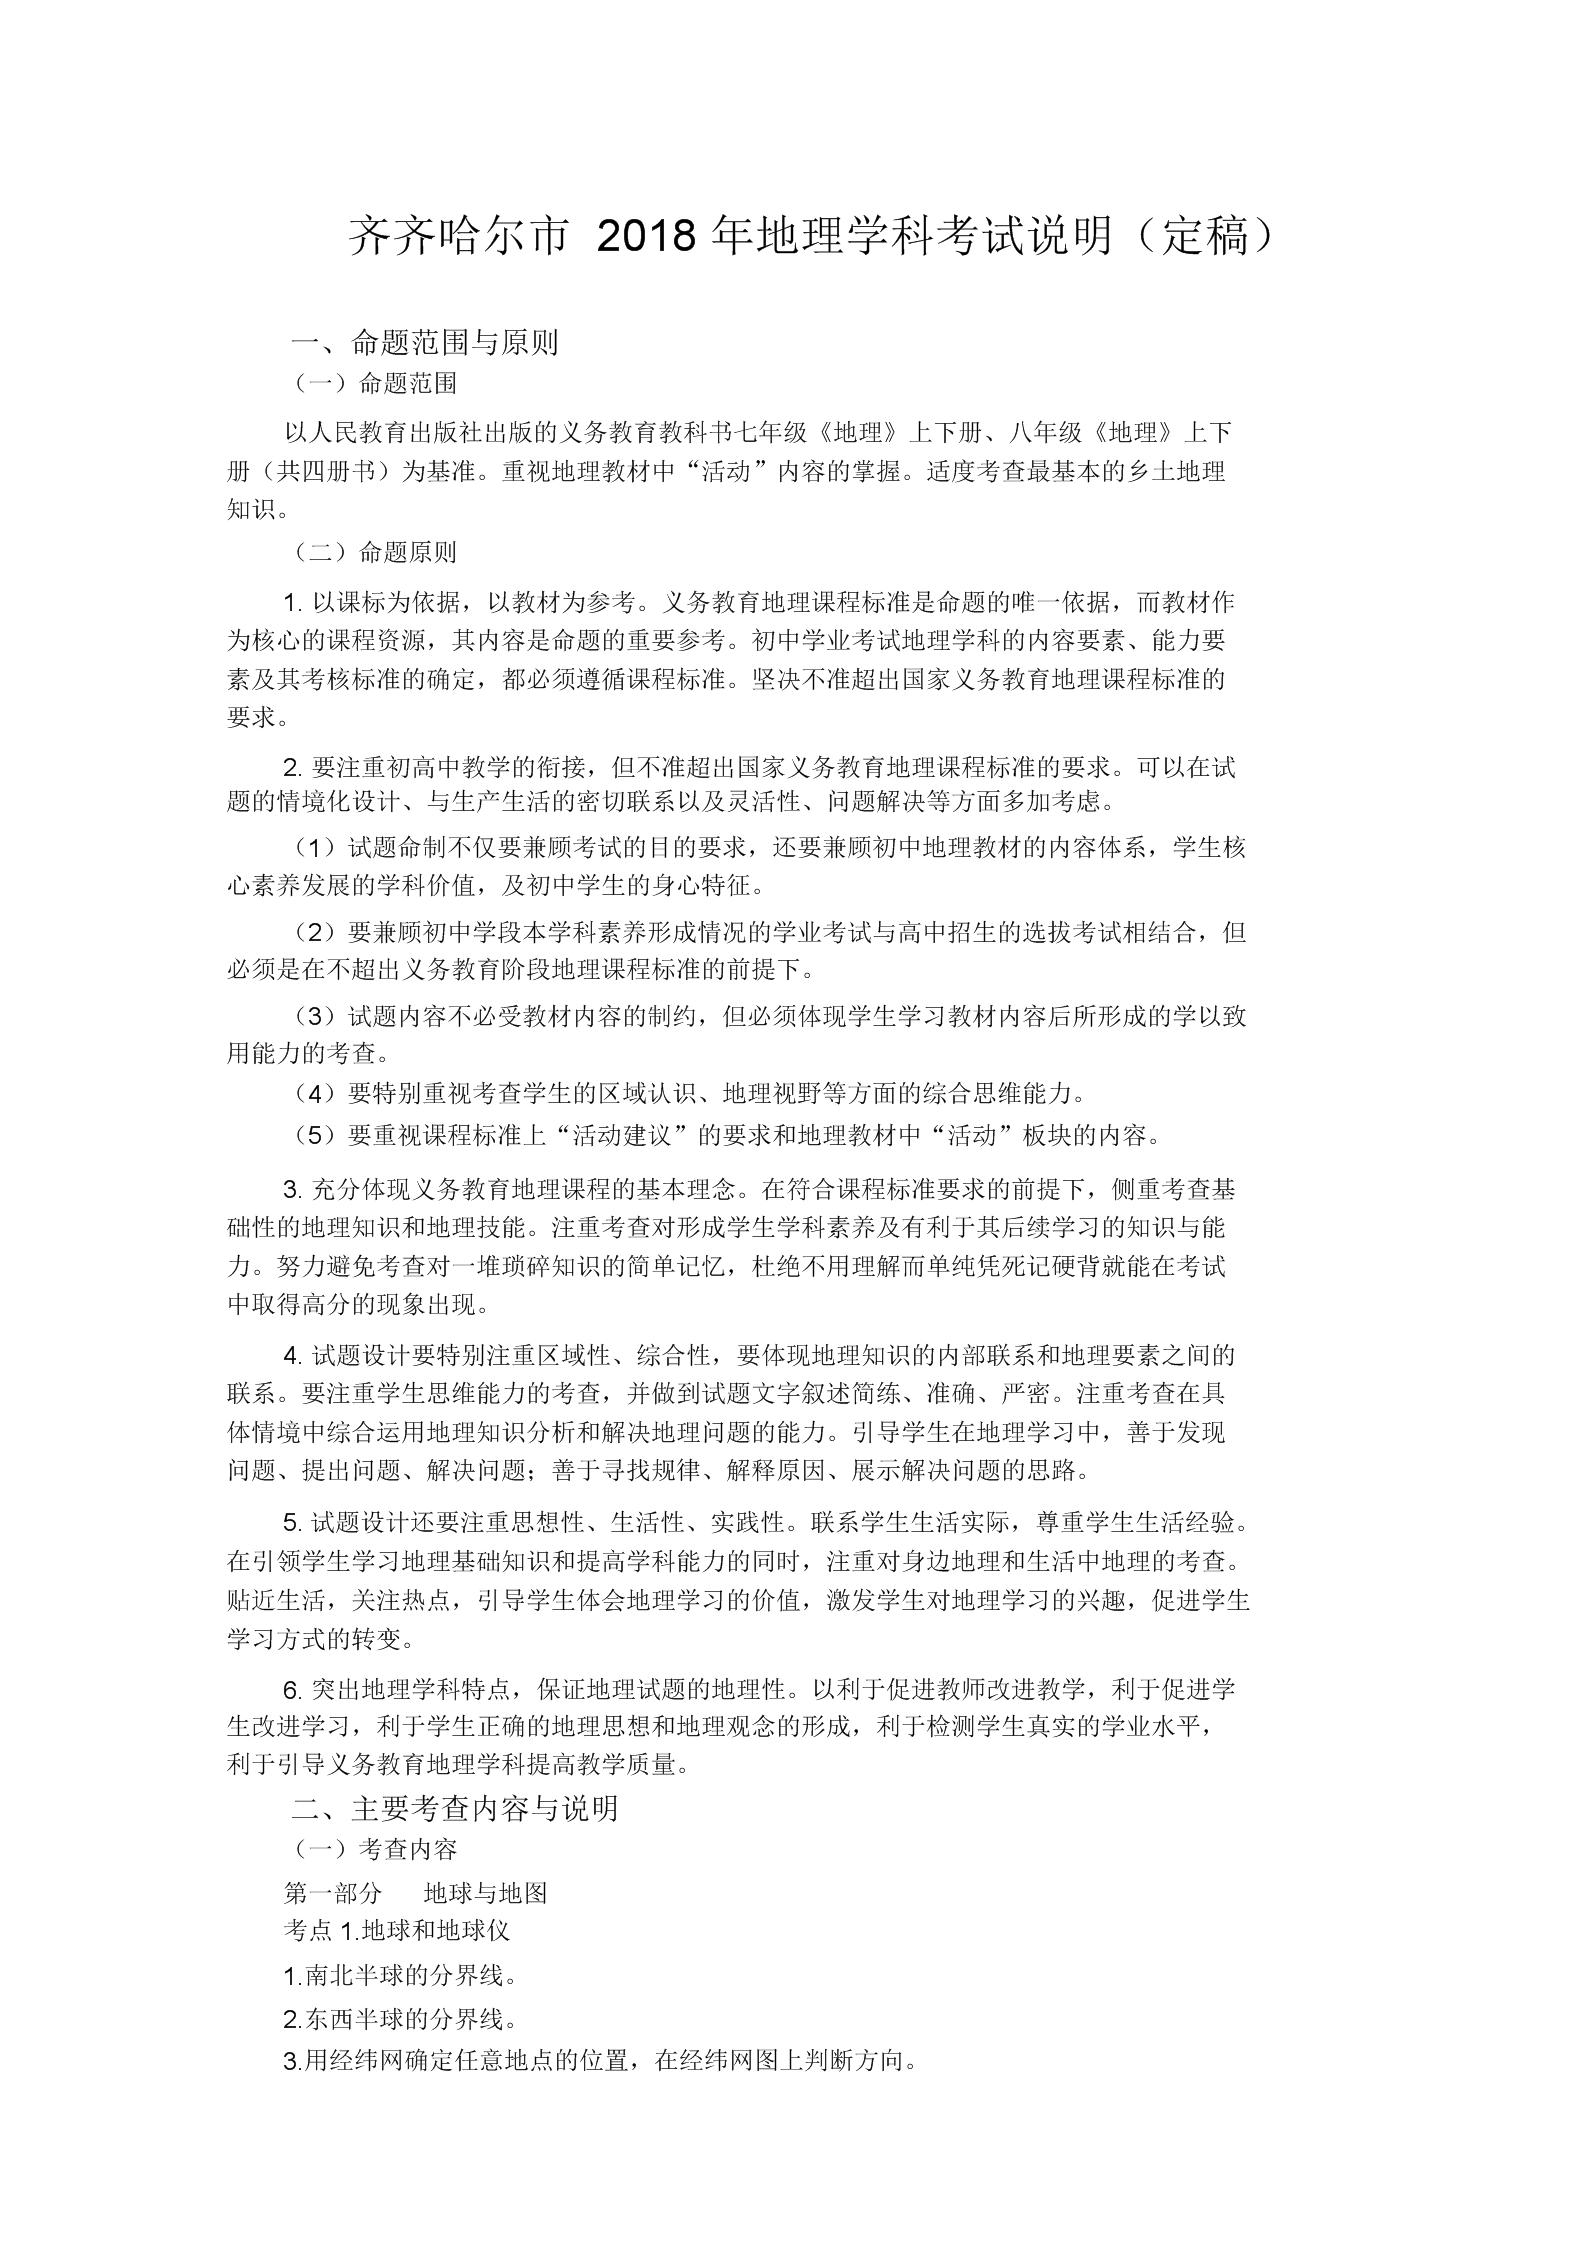 齐齐哈尔市中考地理学科考试说明.docx